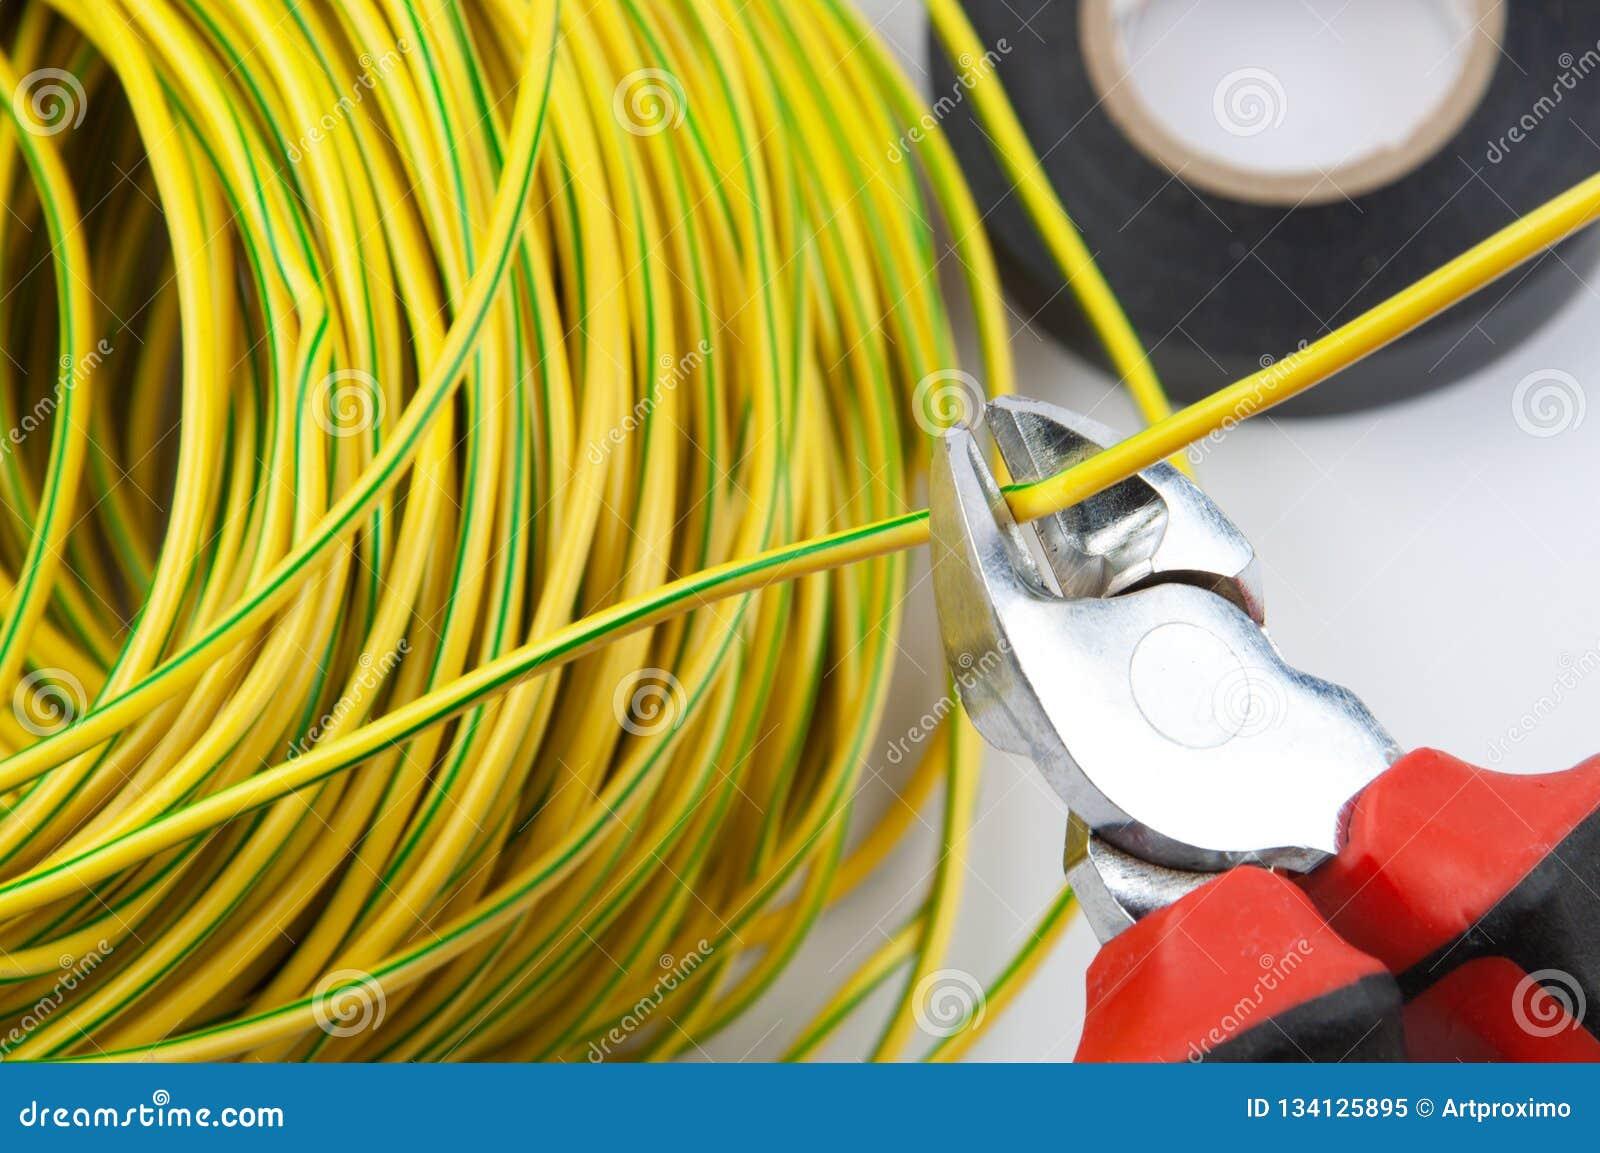 Cortadores de fio, com um pacote de fios verde-amarelos e de fita elétrica